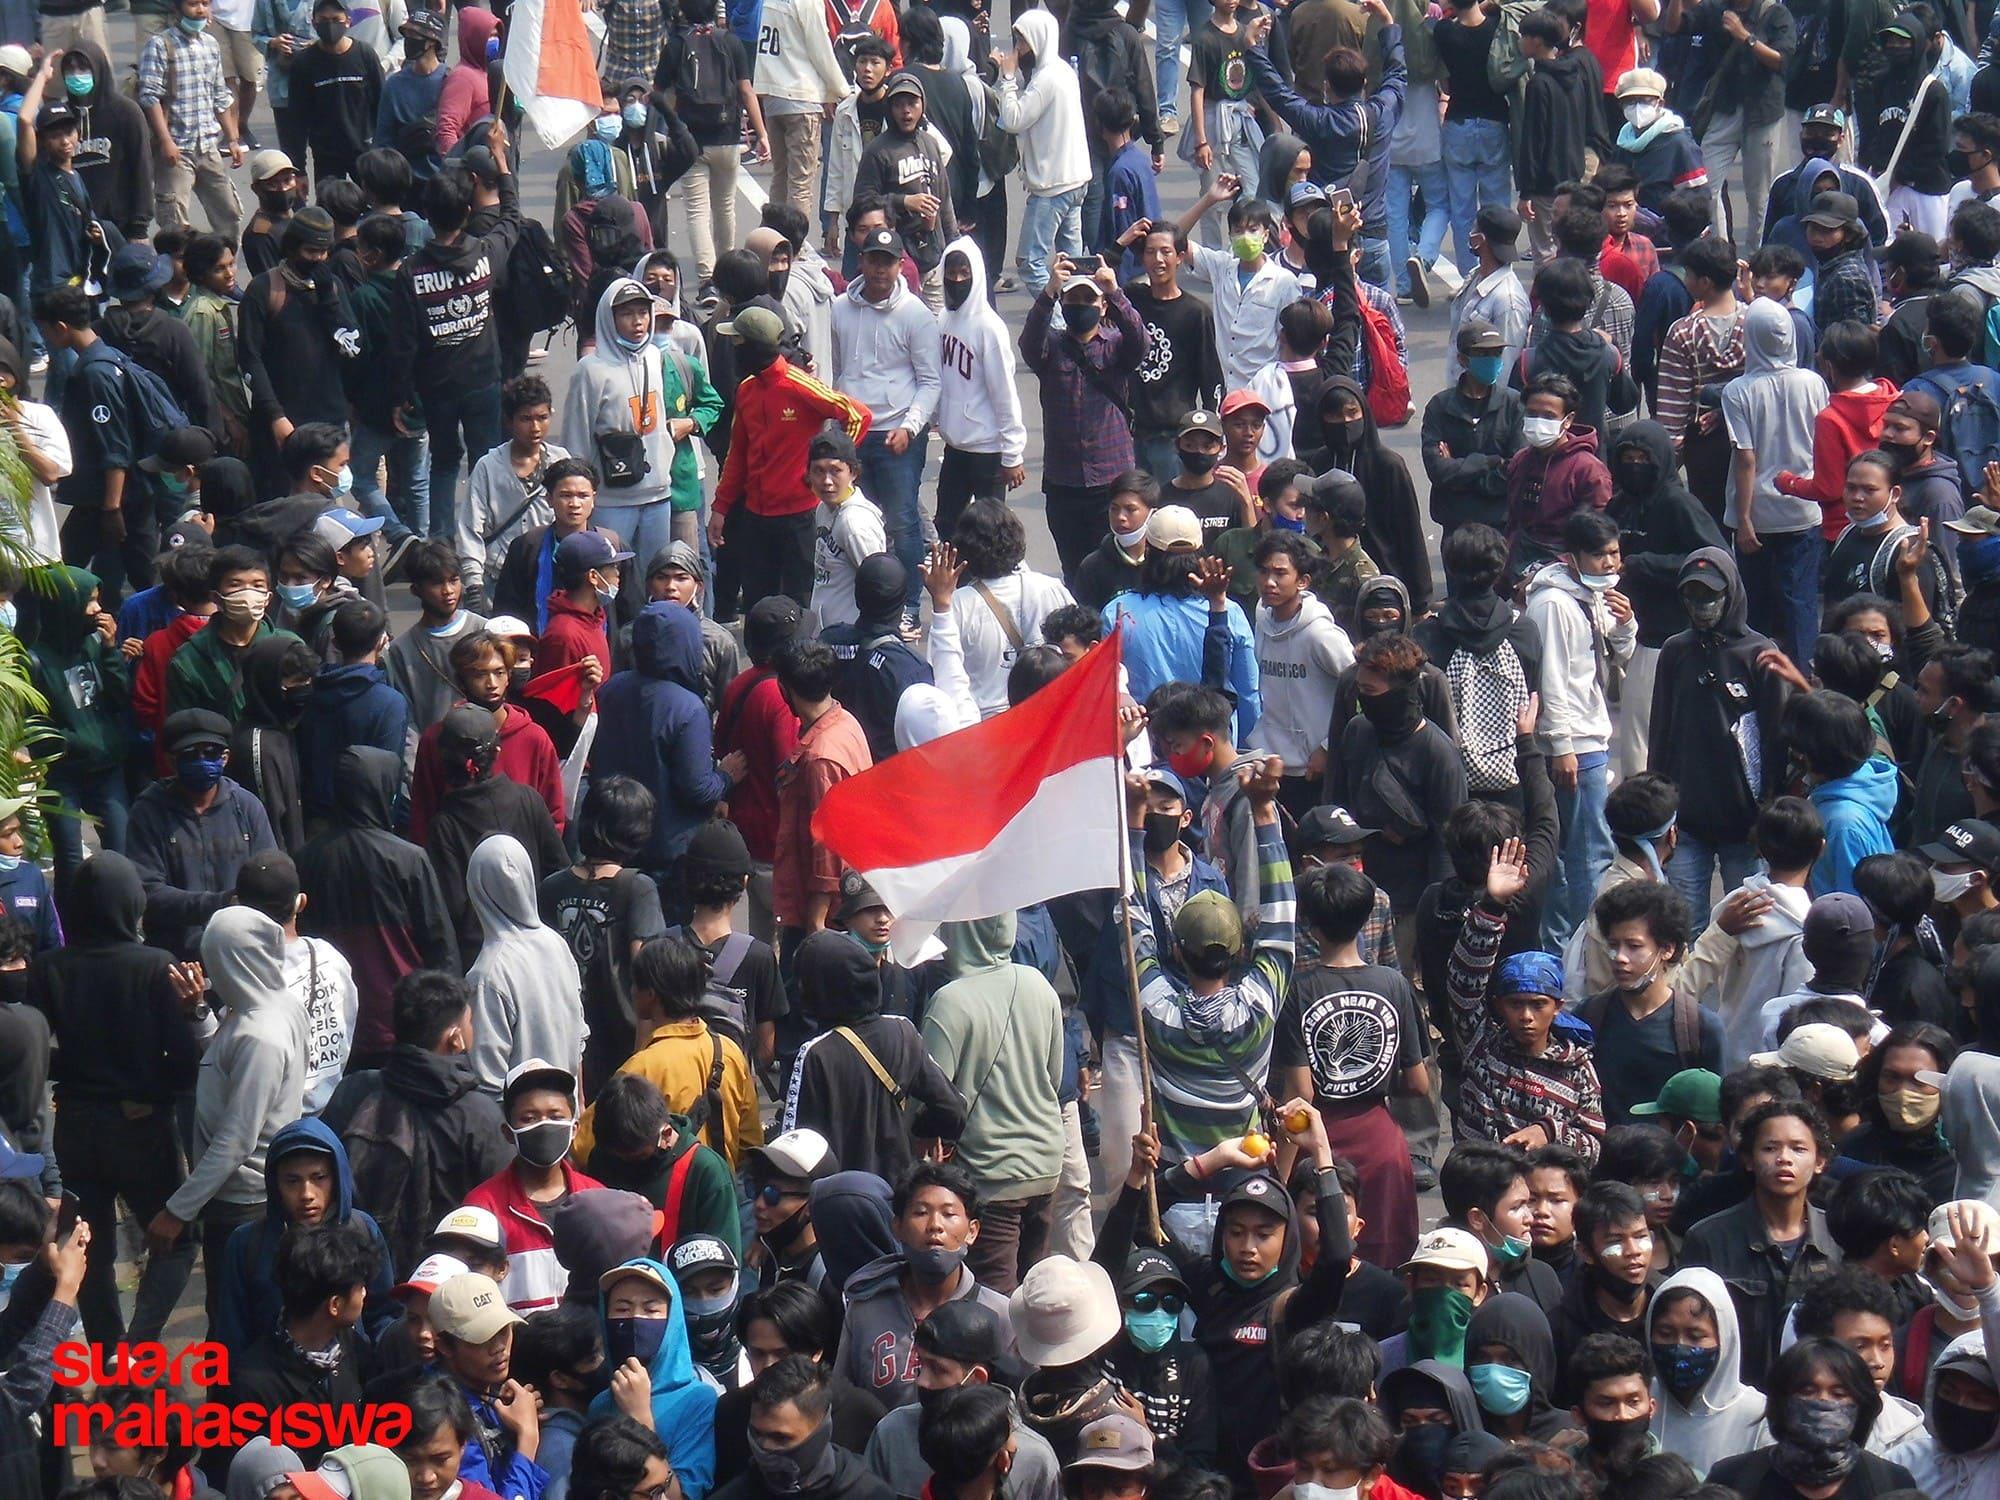 Tolak Omnibus Law, Berbagai Elemen Masyarakat Gelar Aksi Protes